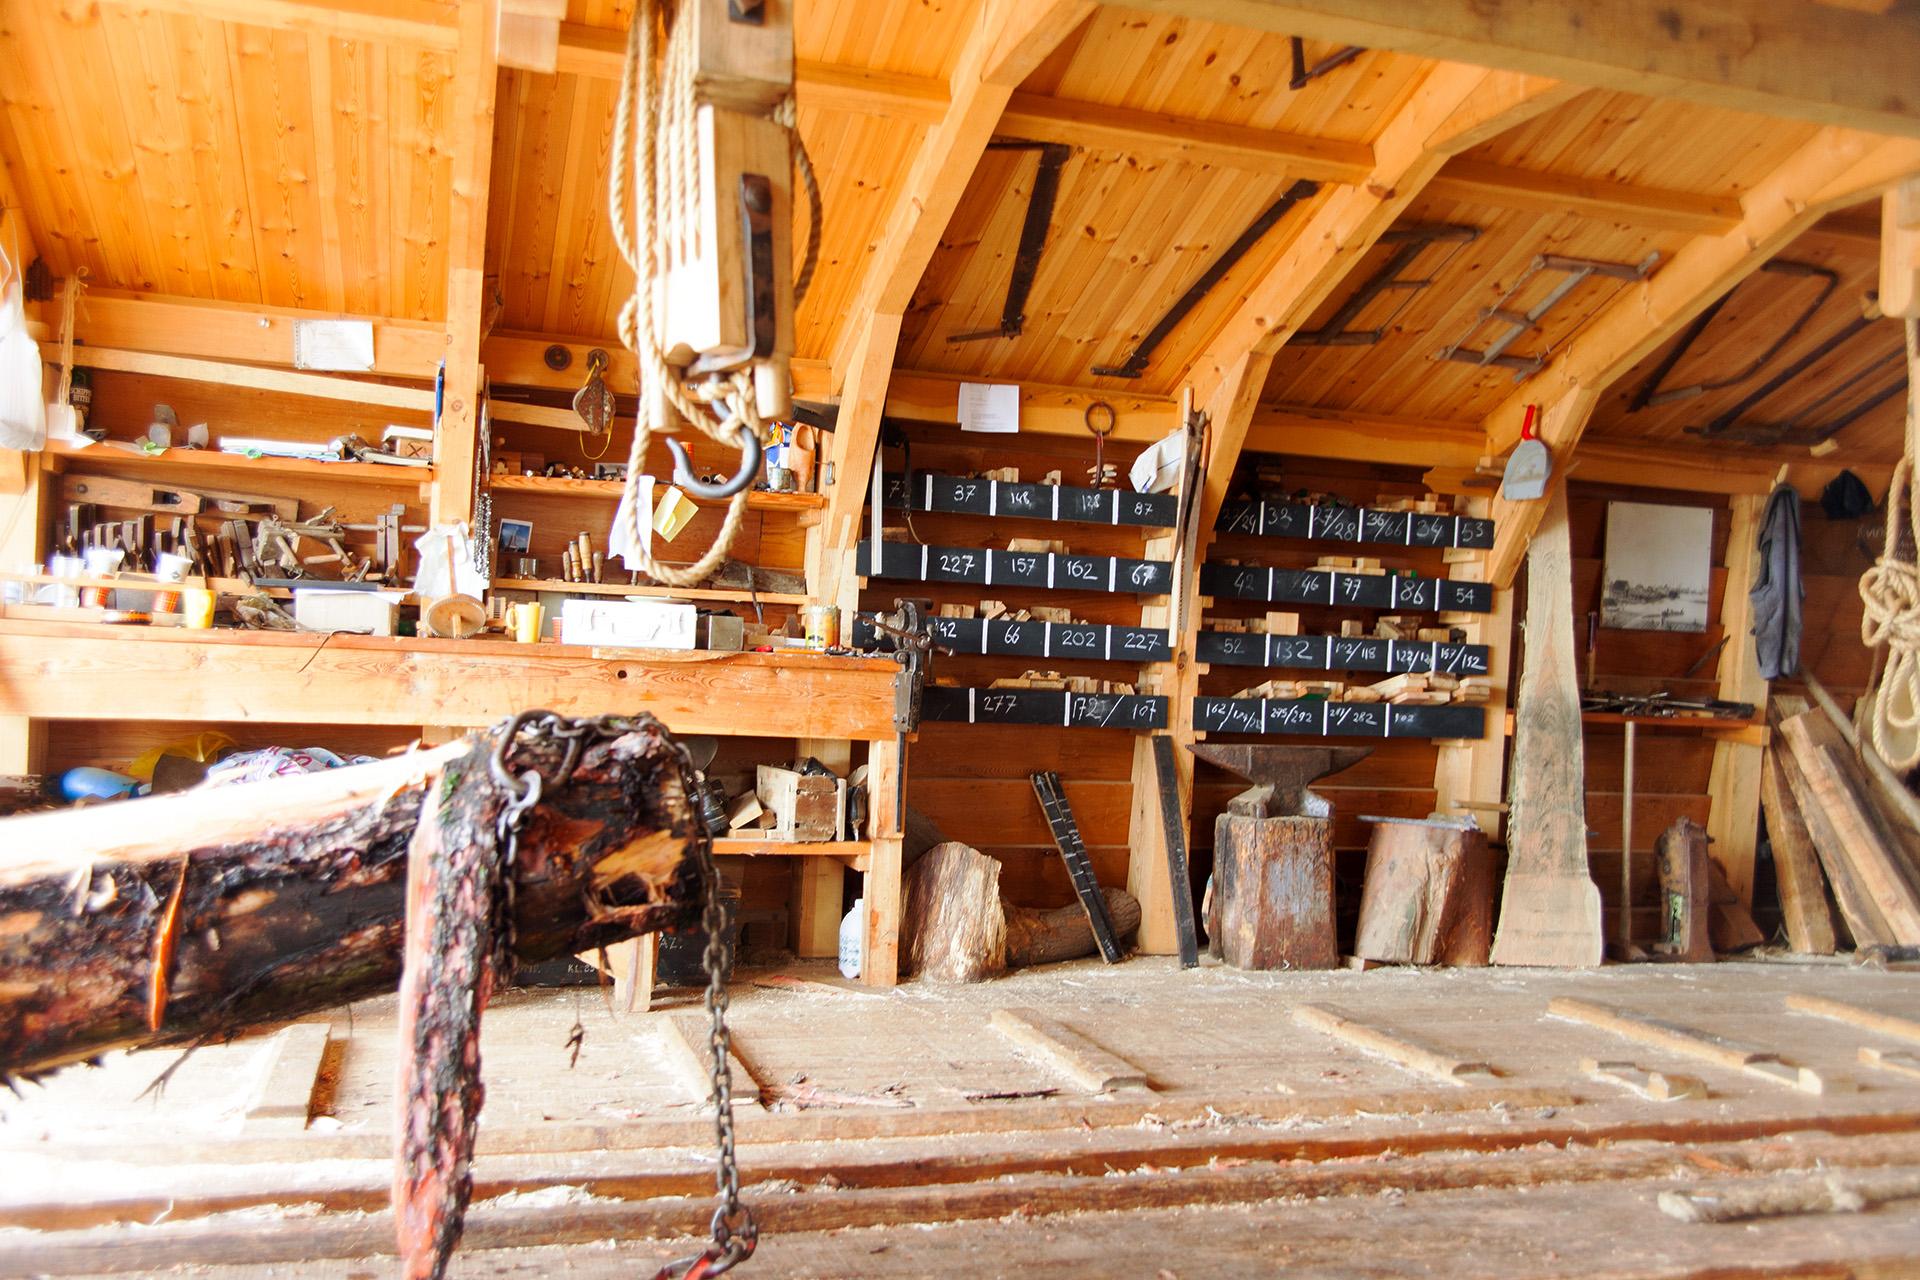 The lumber workshop, Zaandijk.